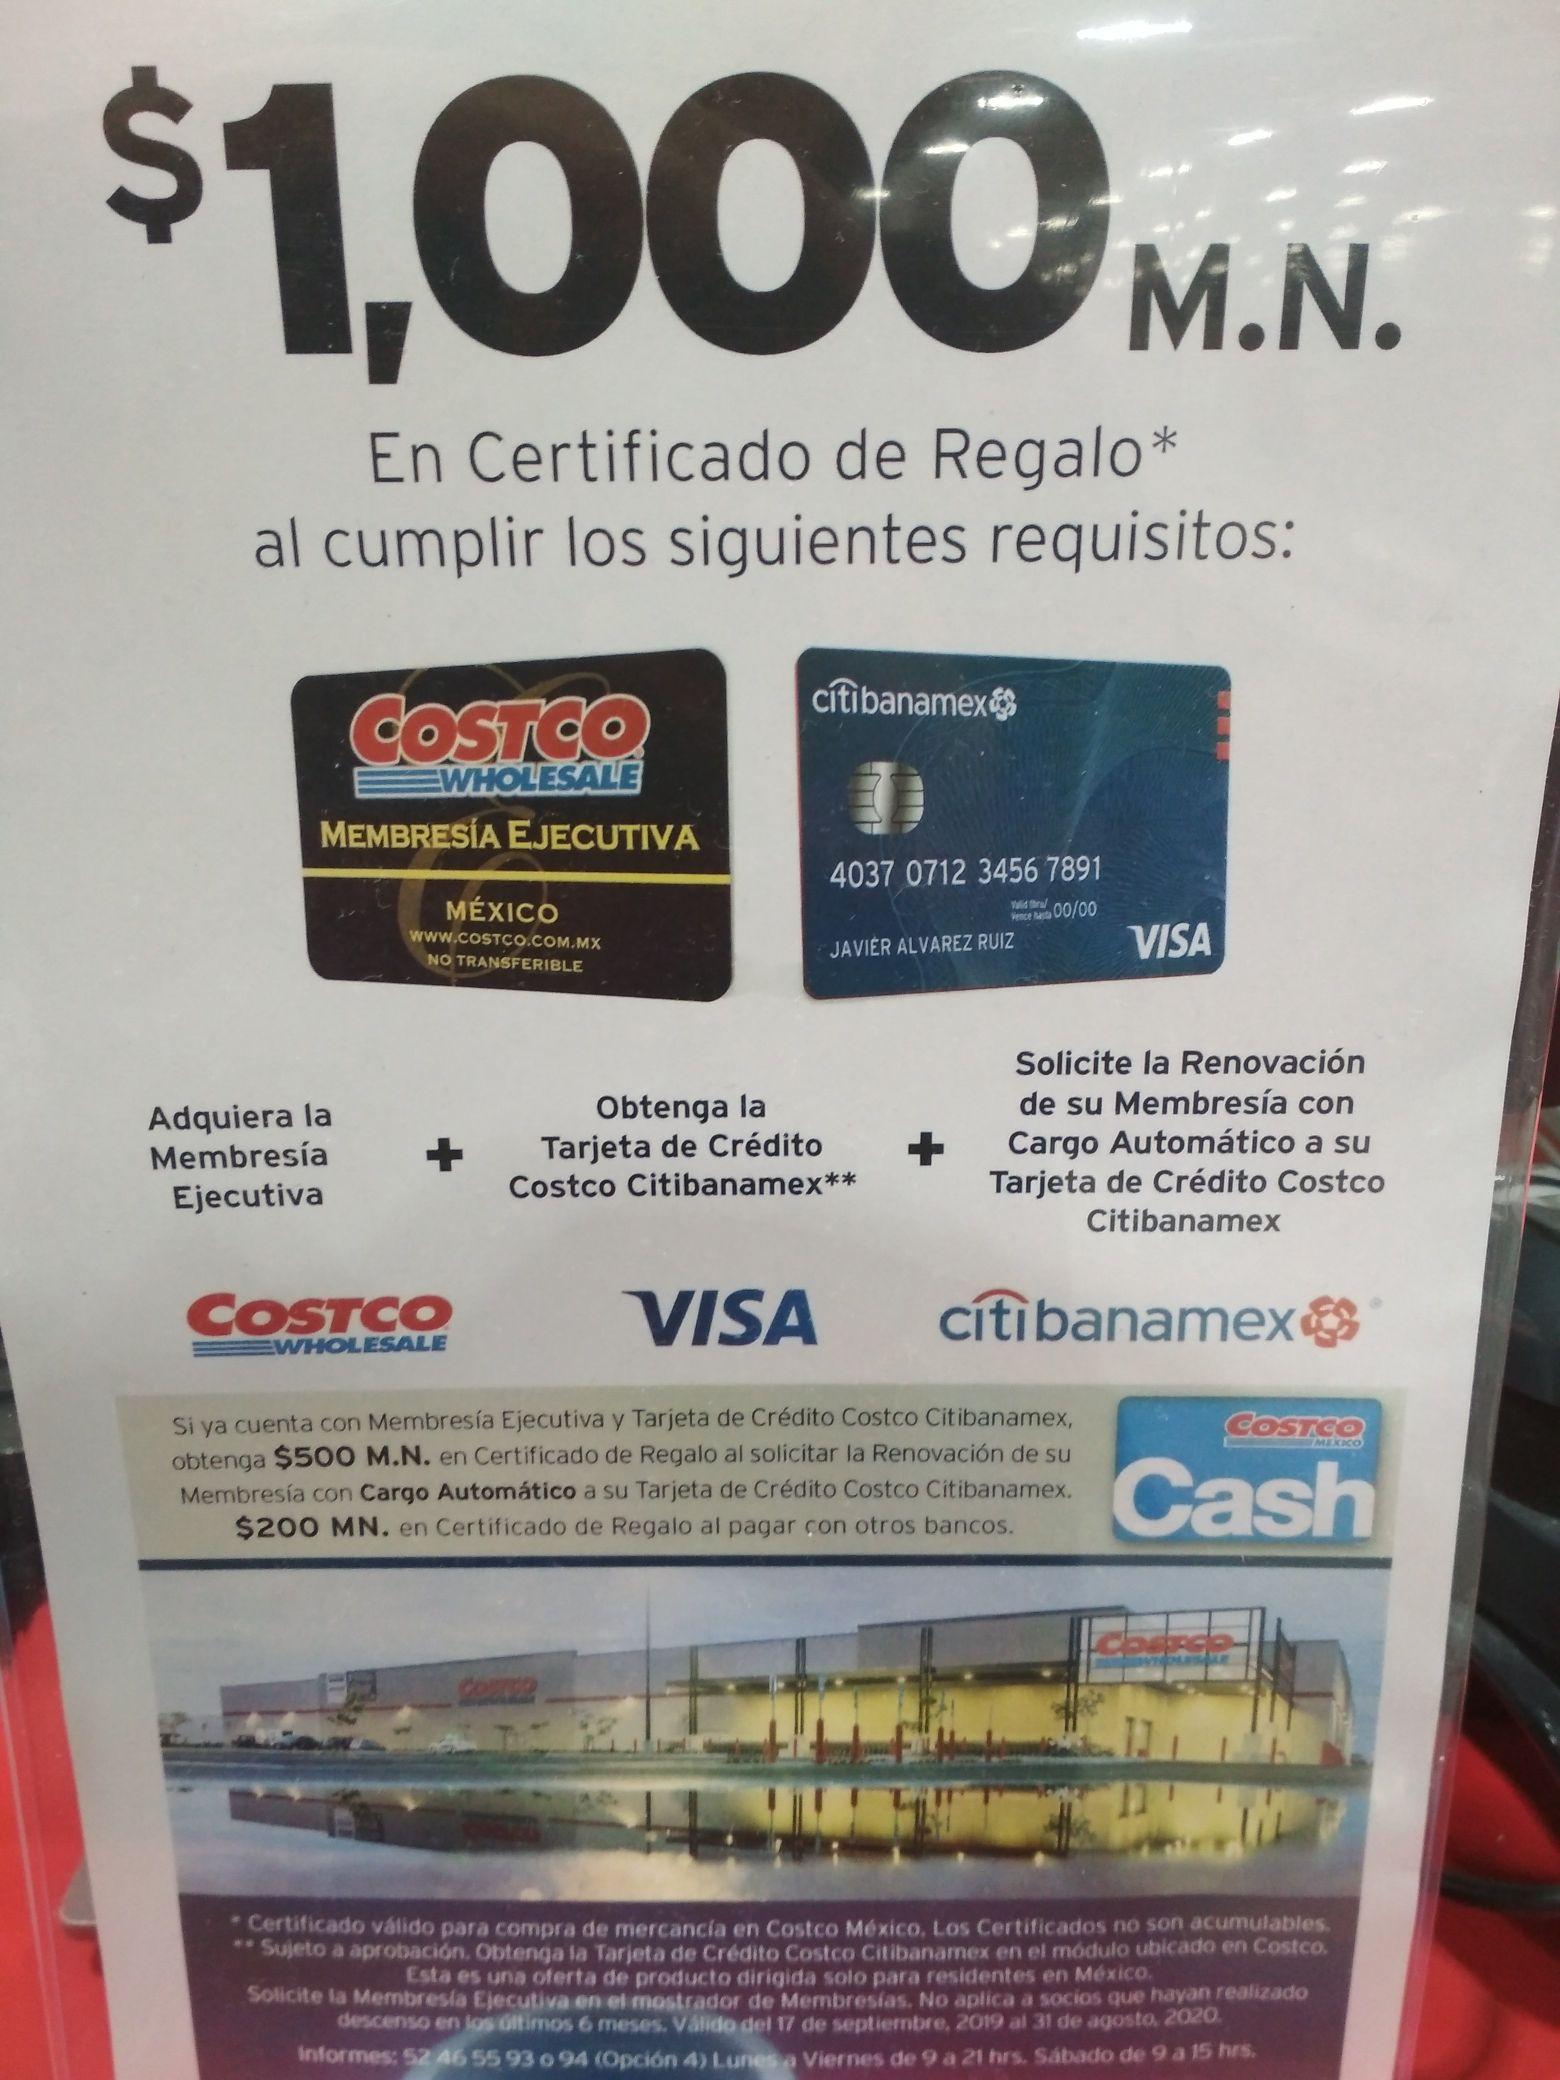 Costco: Certificado de regalo $1,000 al adquirir Membresía Ejecutiva, tarjeta de crédito y pedir renovación automática